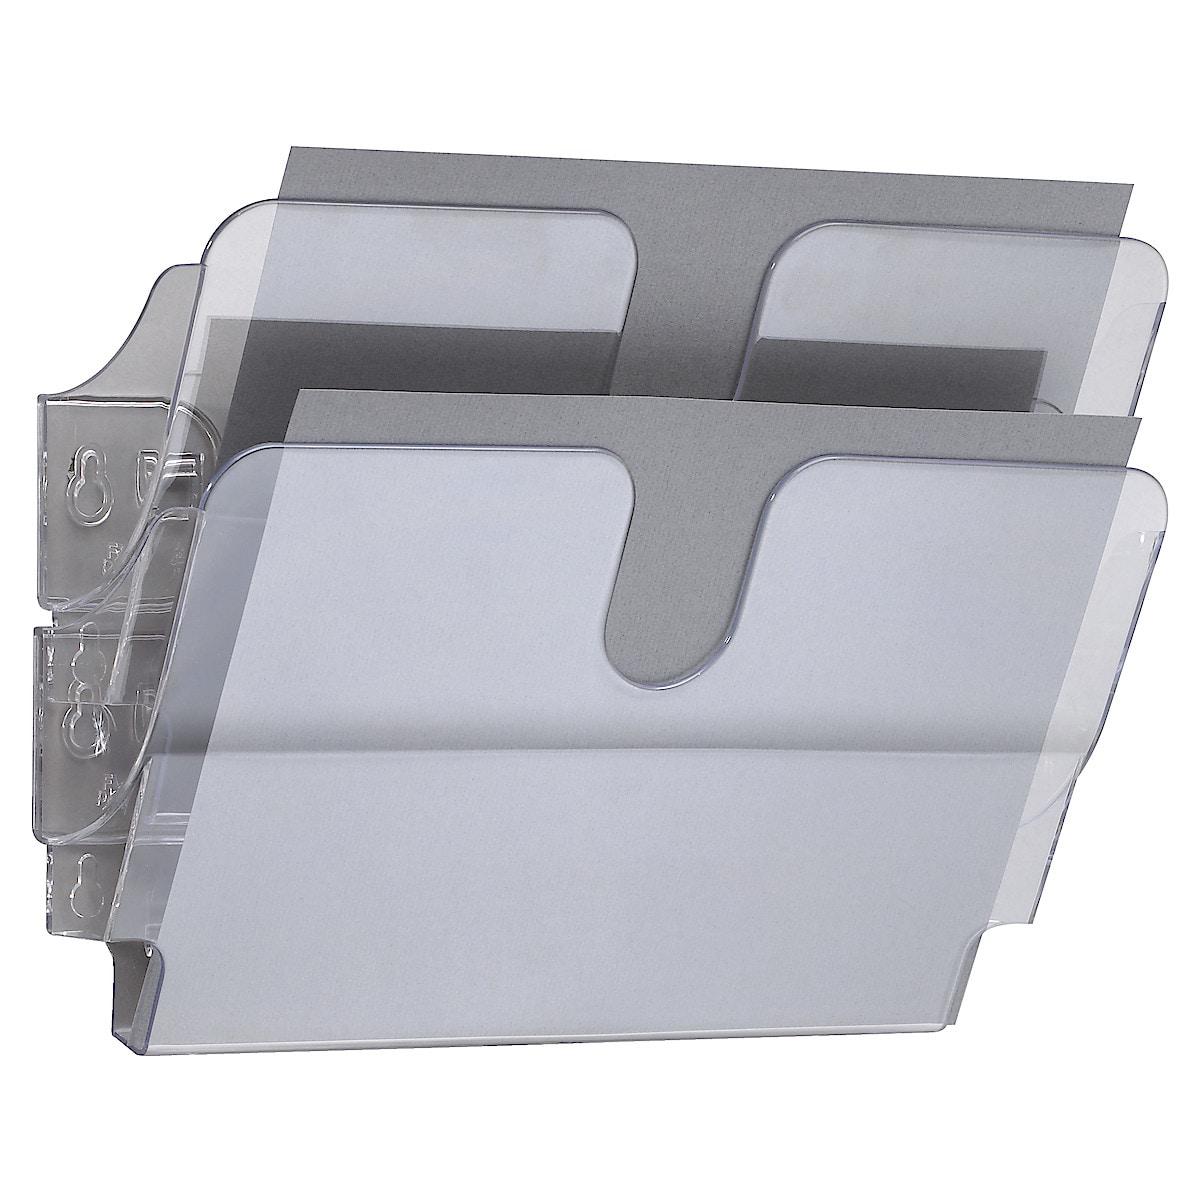 Blankettfack Flexiplus A4L, 2-pack